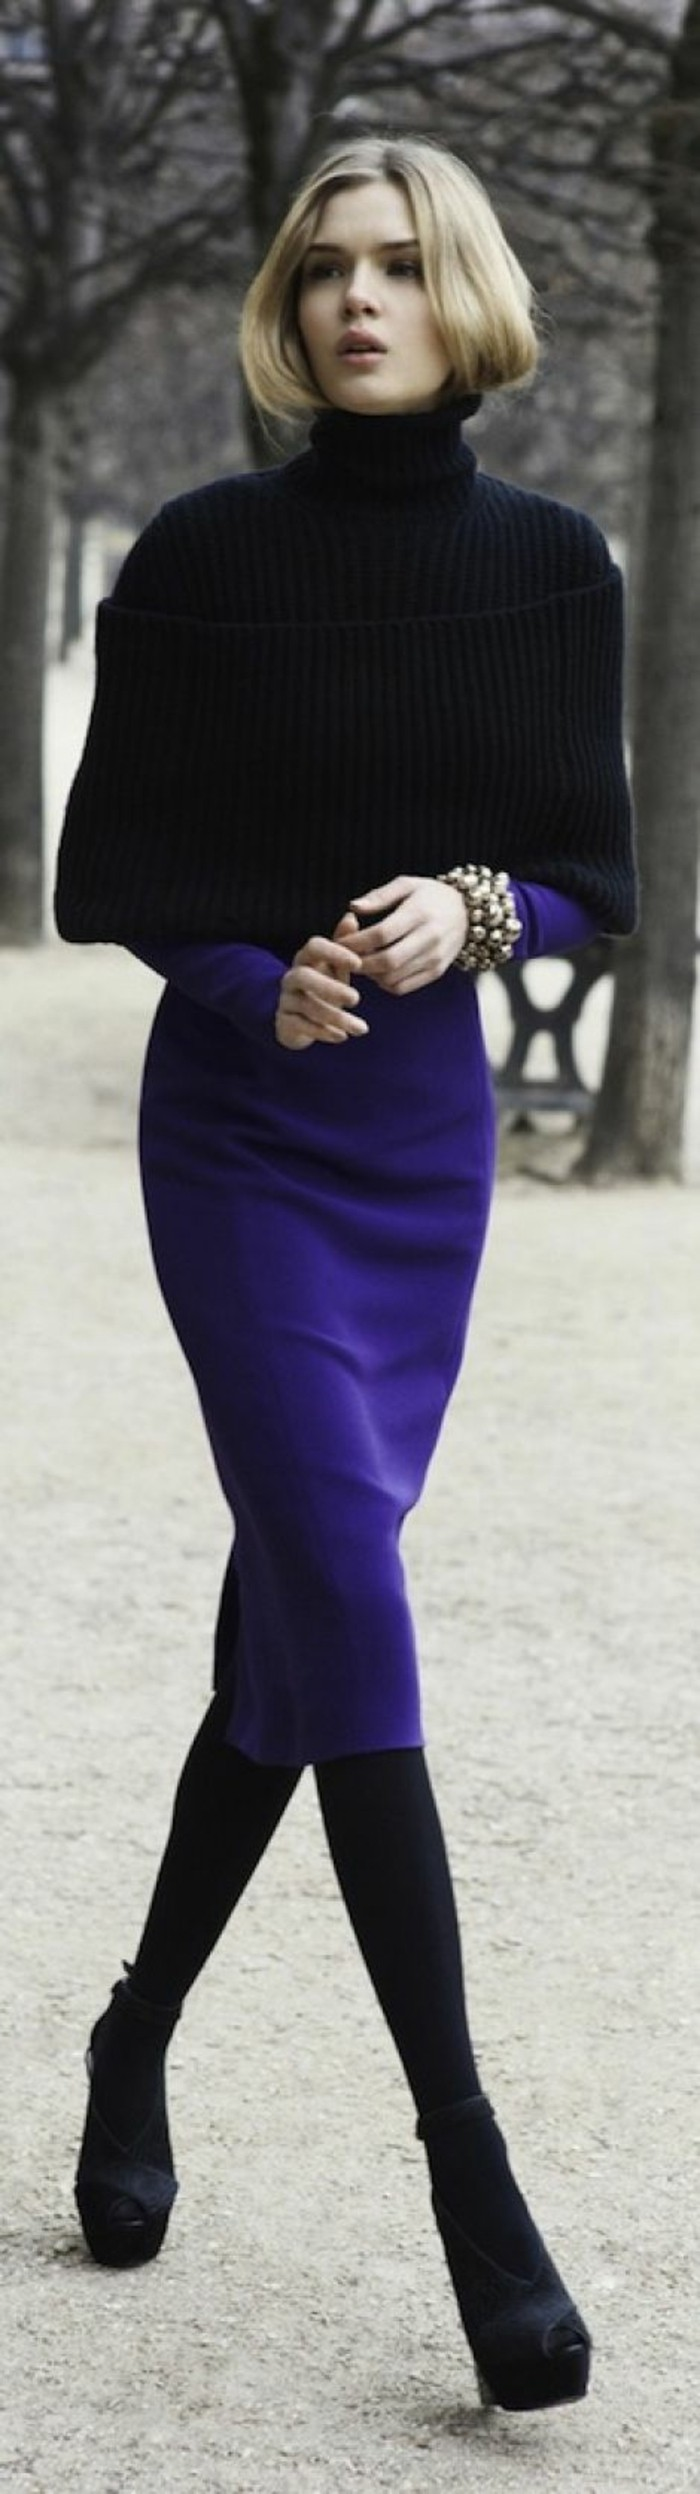 robes-en-laine-en-bleu-royal-et-noir